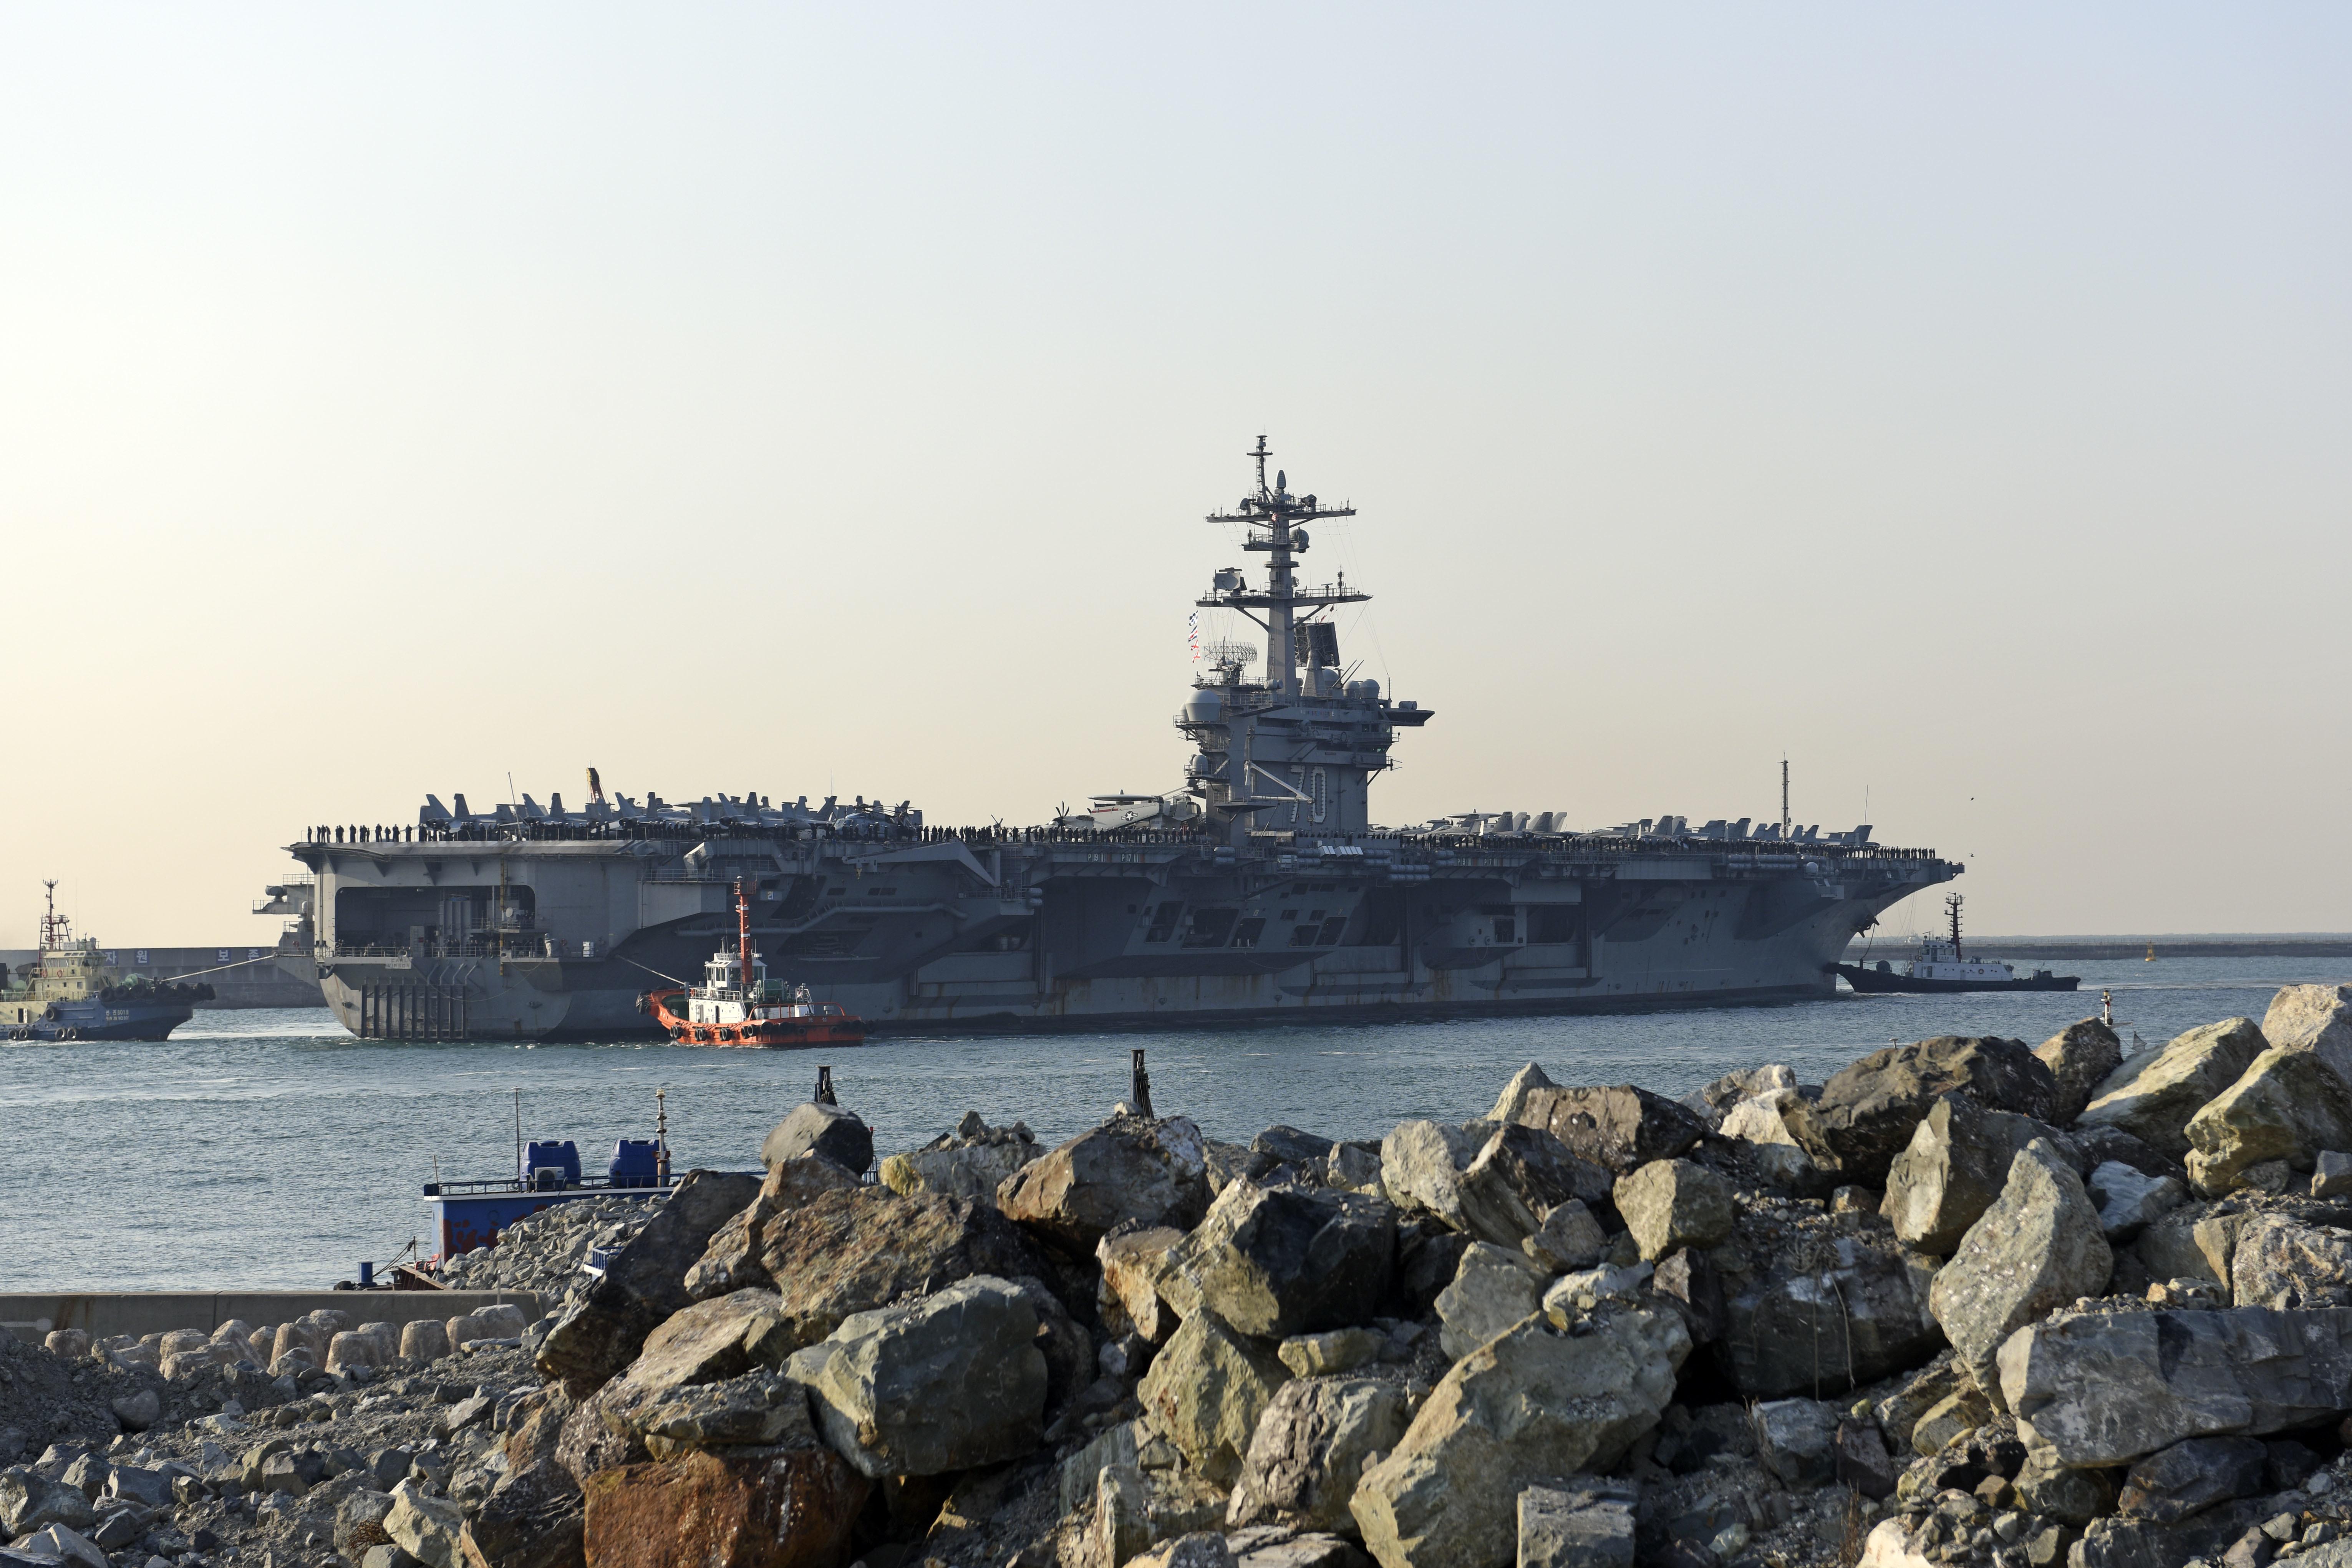 EEUU envía portaaviones hacia la Península de Corea como muestra de fuerza por el programa de misiles de Corea del Norte